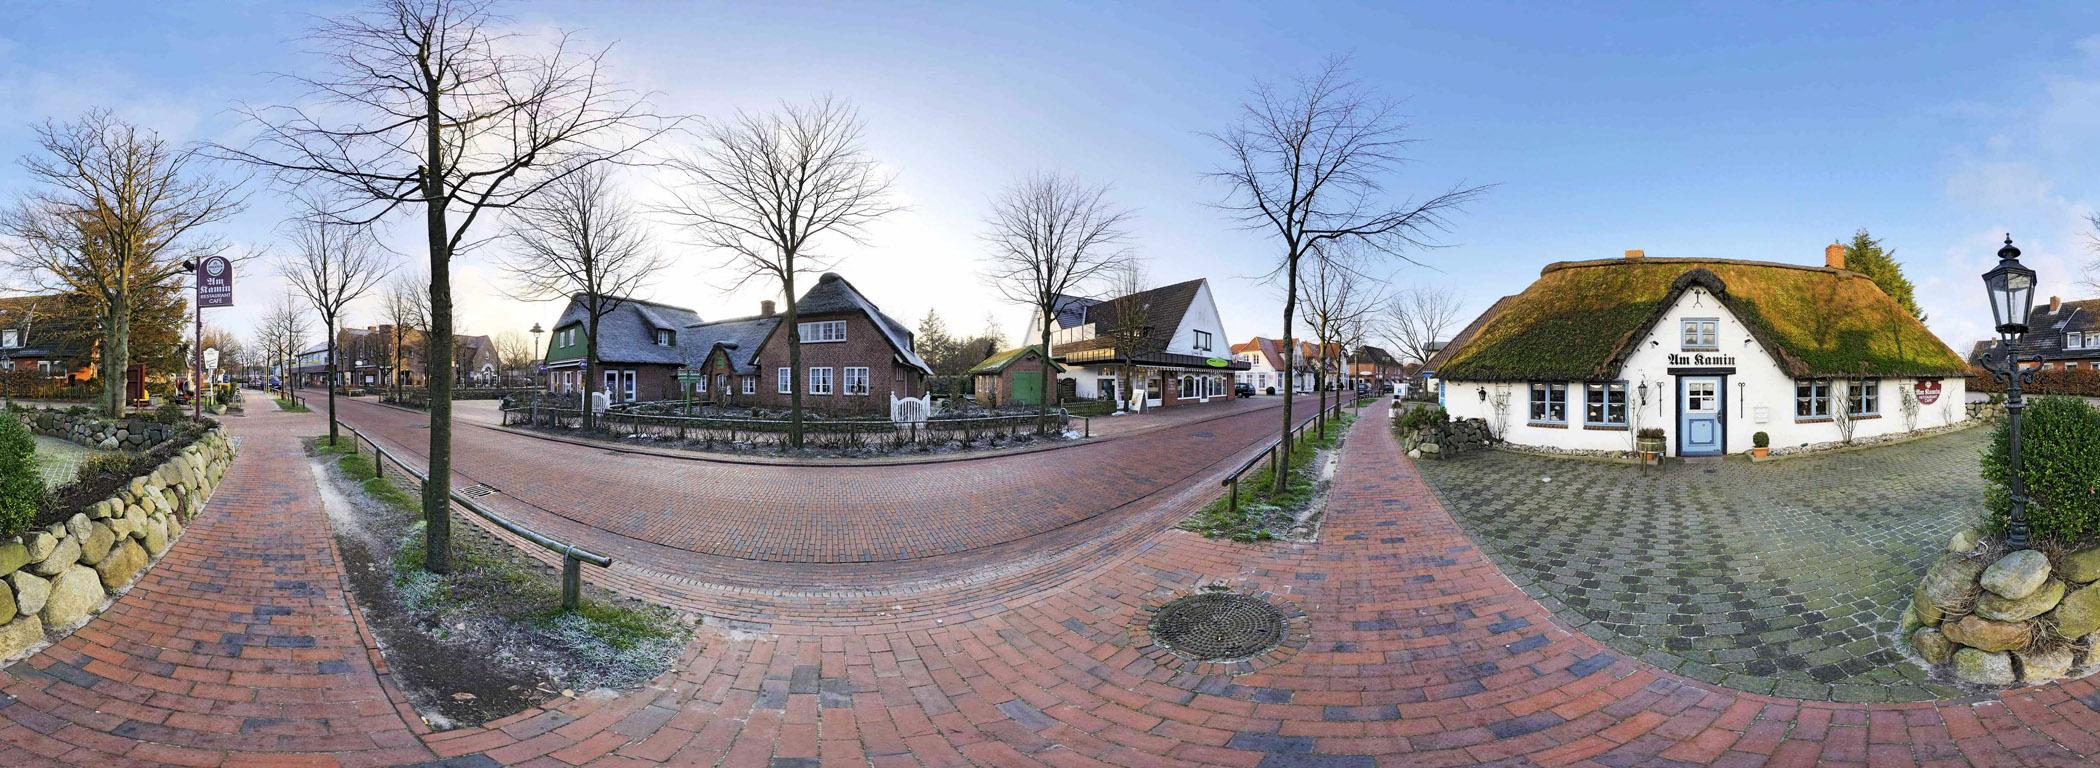 【城镇房屋的360度全景照片欣赏】-【联想杂谈】论坛